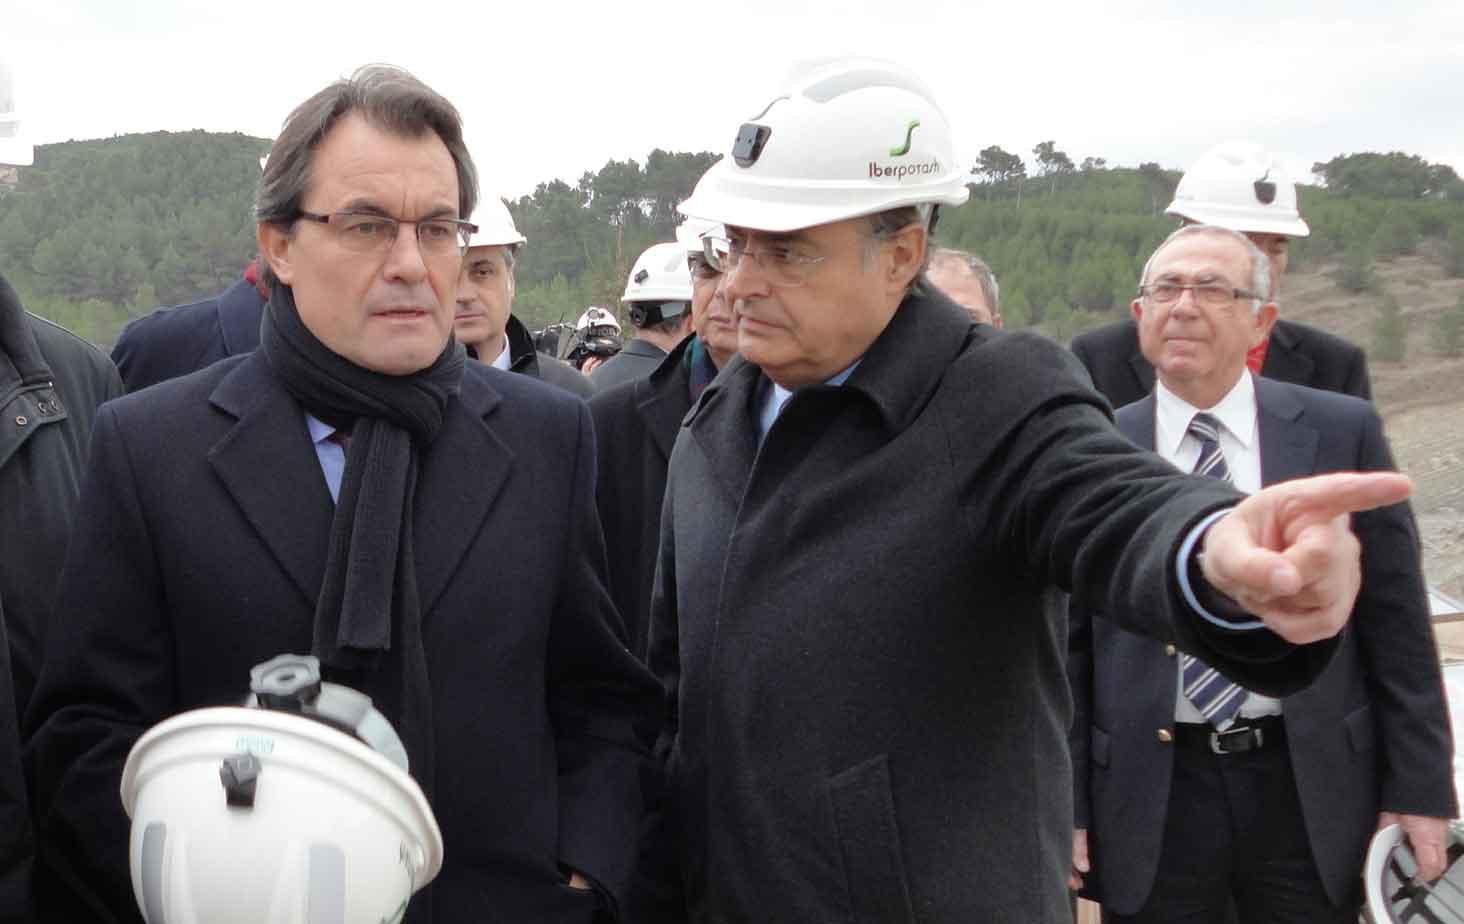 Imputados tres altos cargos del gobierno de Artur Mas Gavarró por «prevaricación ambiental»